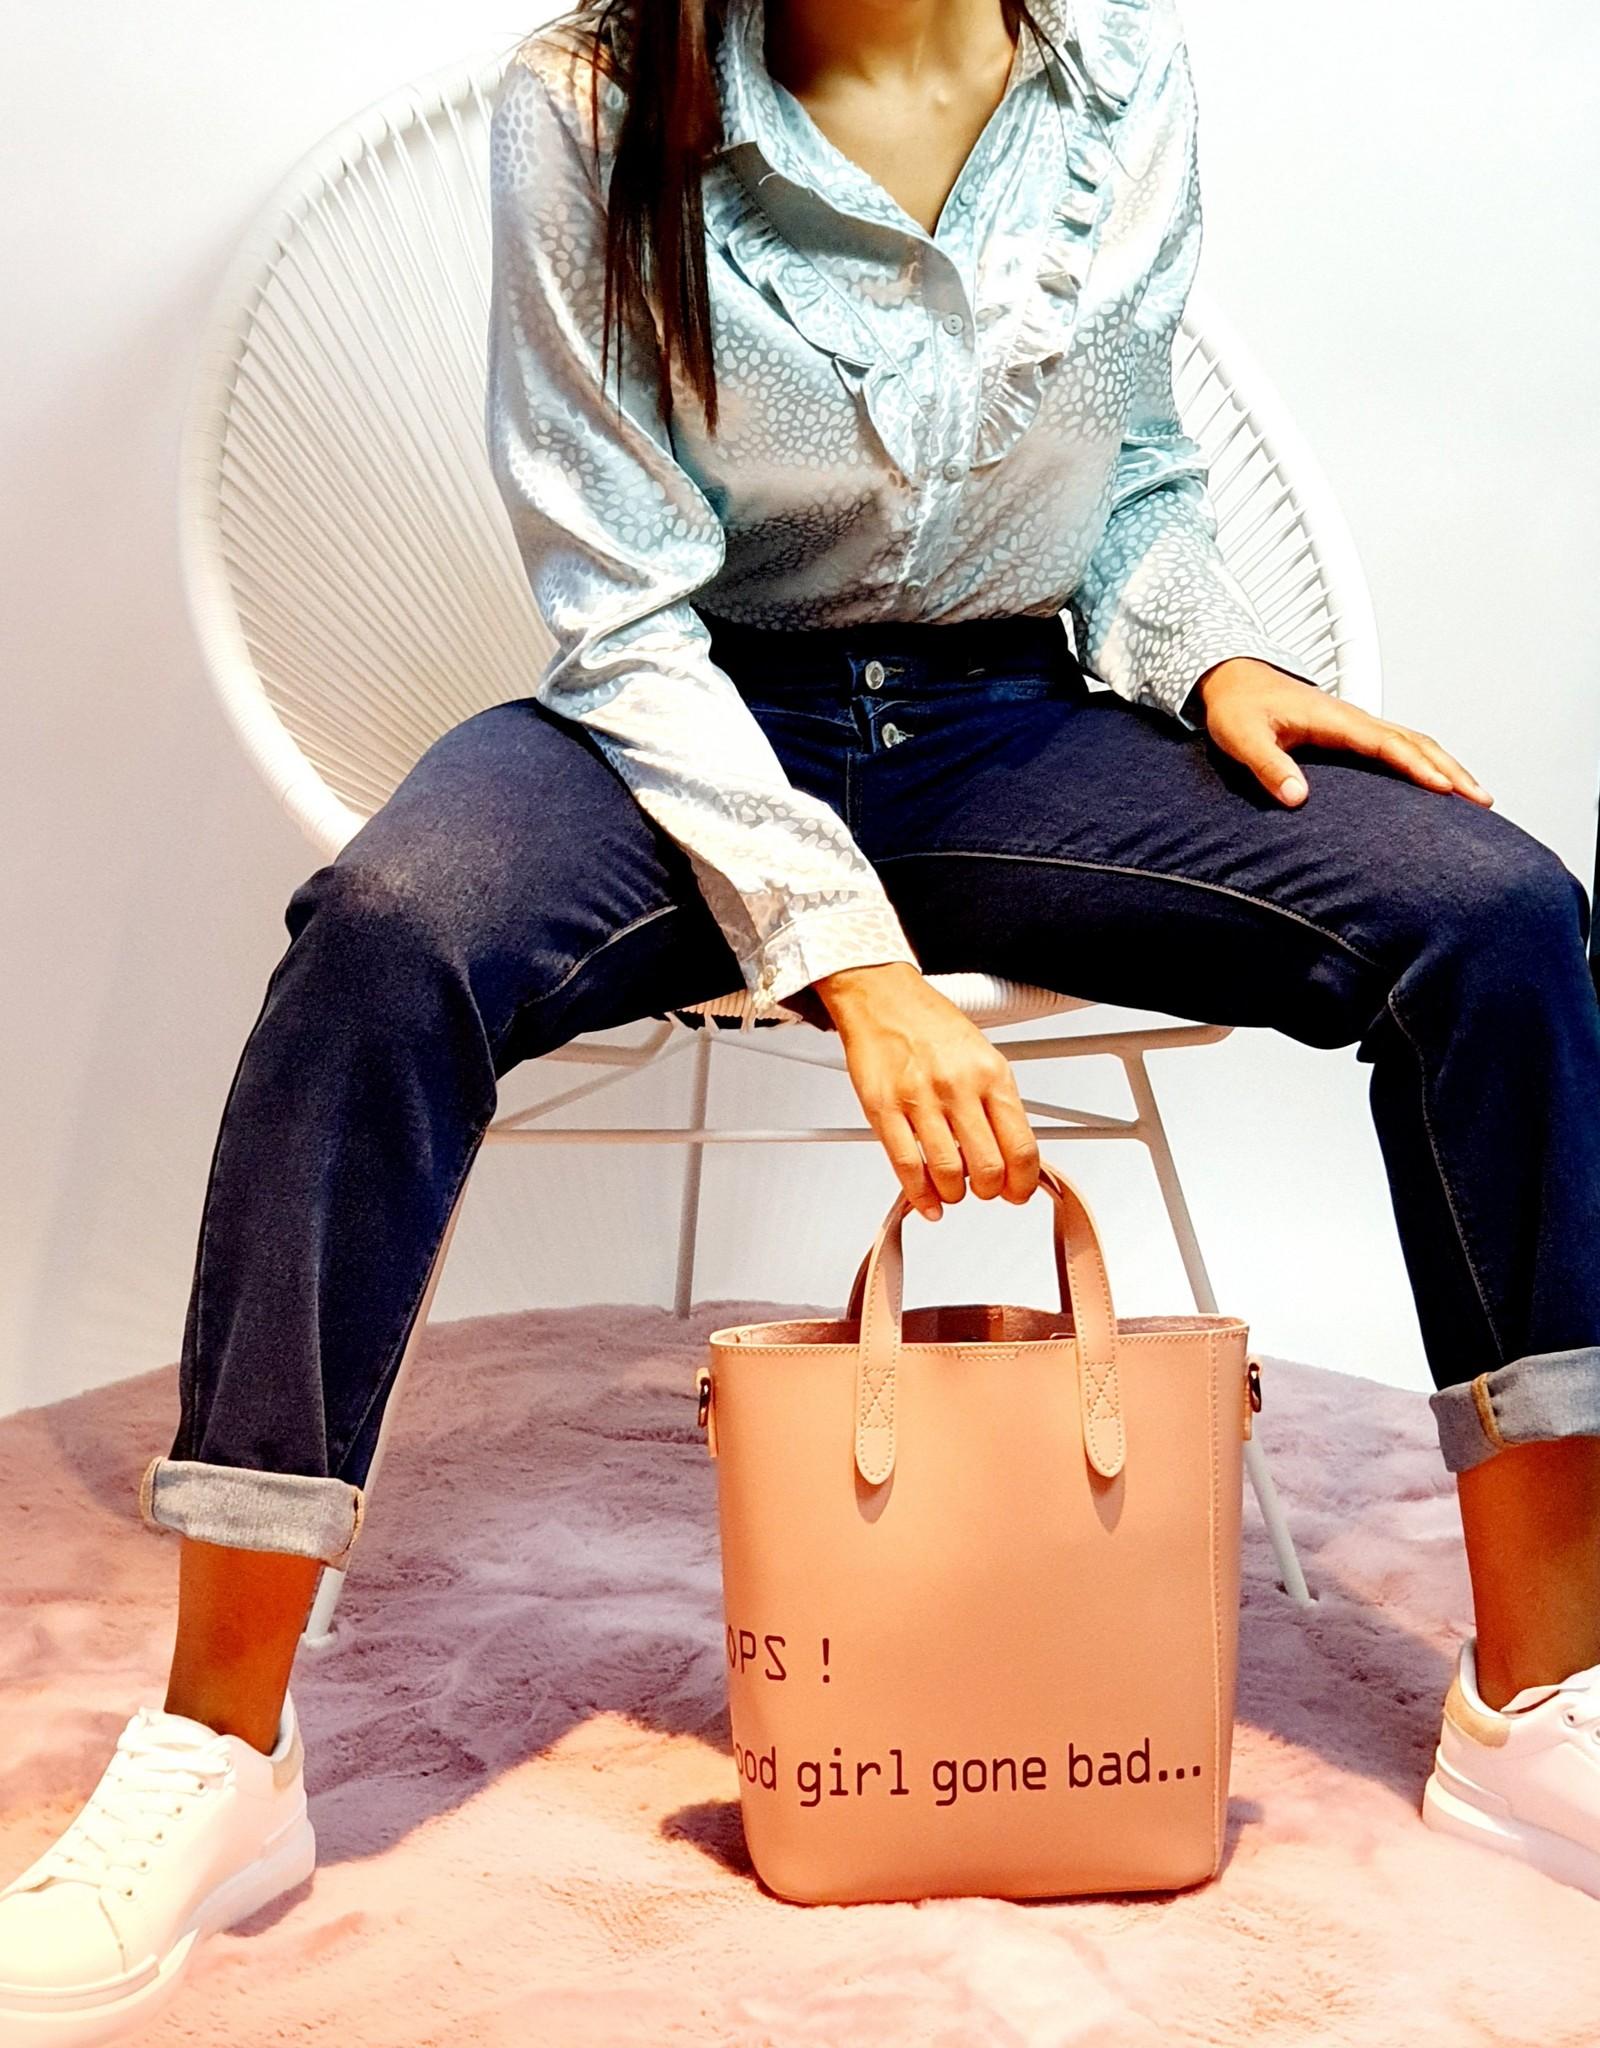 Thé bad girl bag